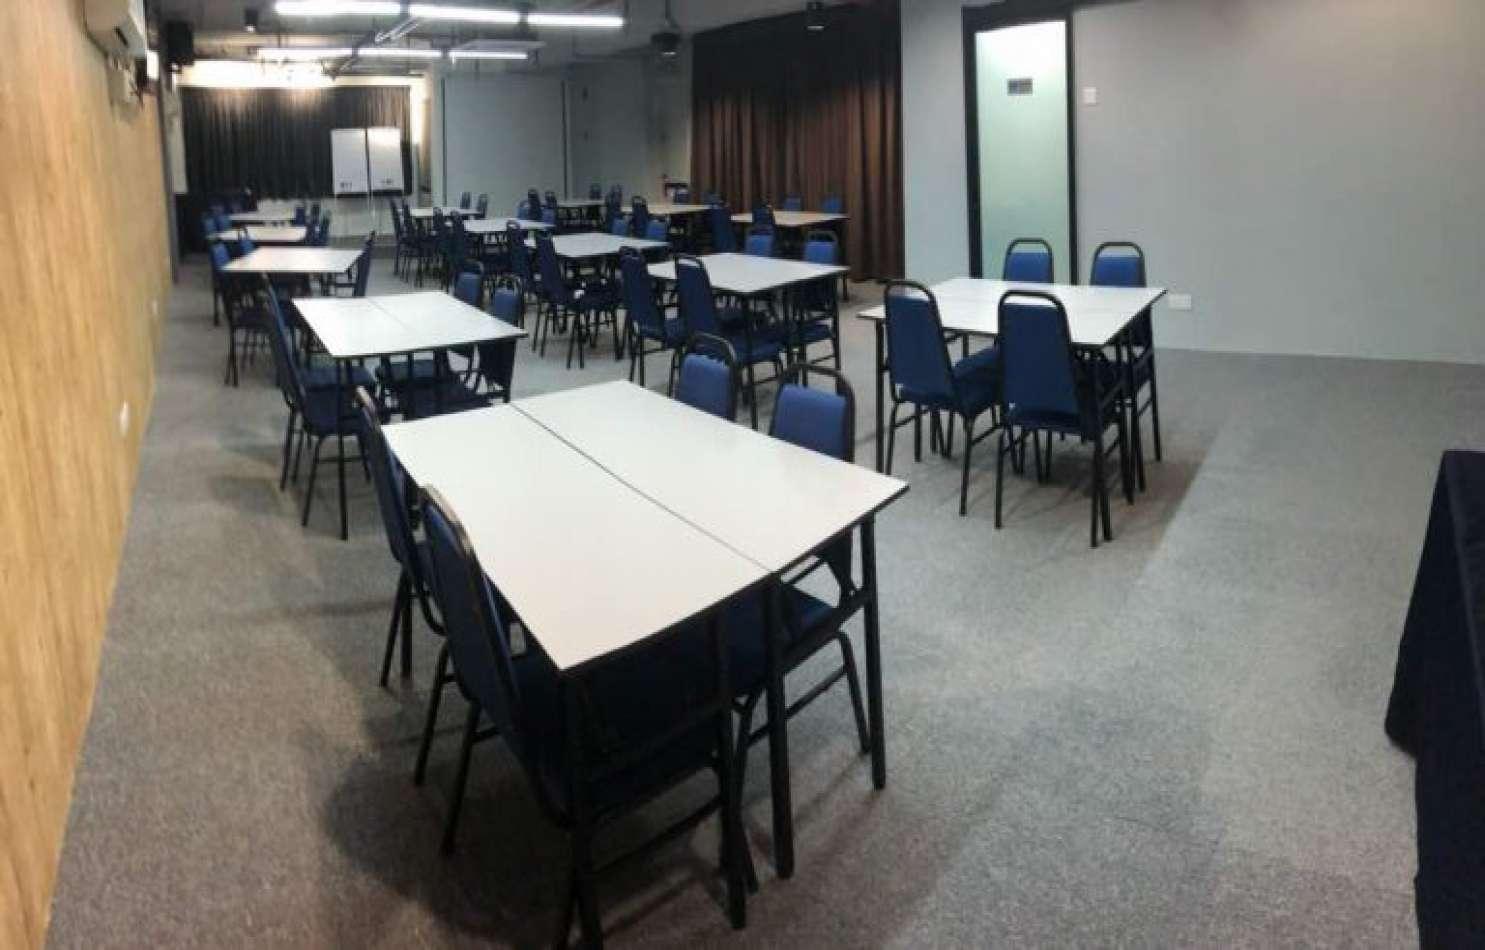 KL-Seminar-Room15505573215c6ba08982b625.10546085.jpg